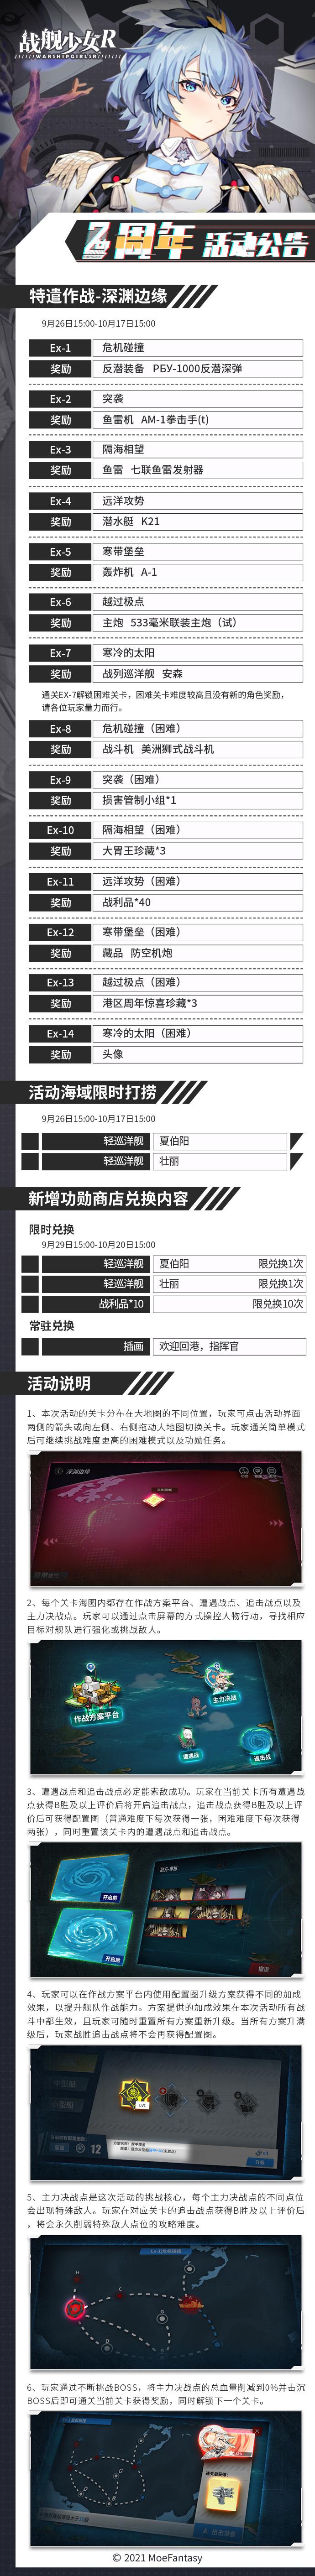 %E6%9B%B4%E6%96%B0%E5%85%AC%E5%91%8A%E6%94%B9(3).jpg